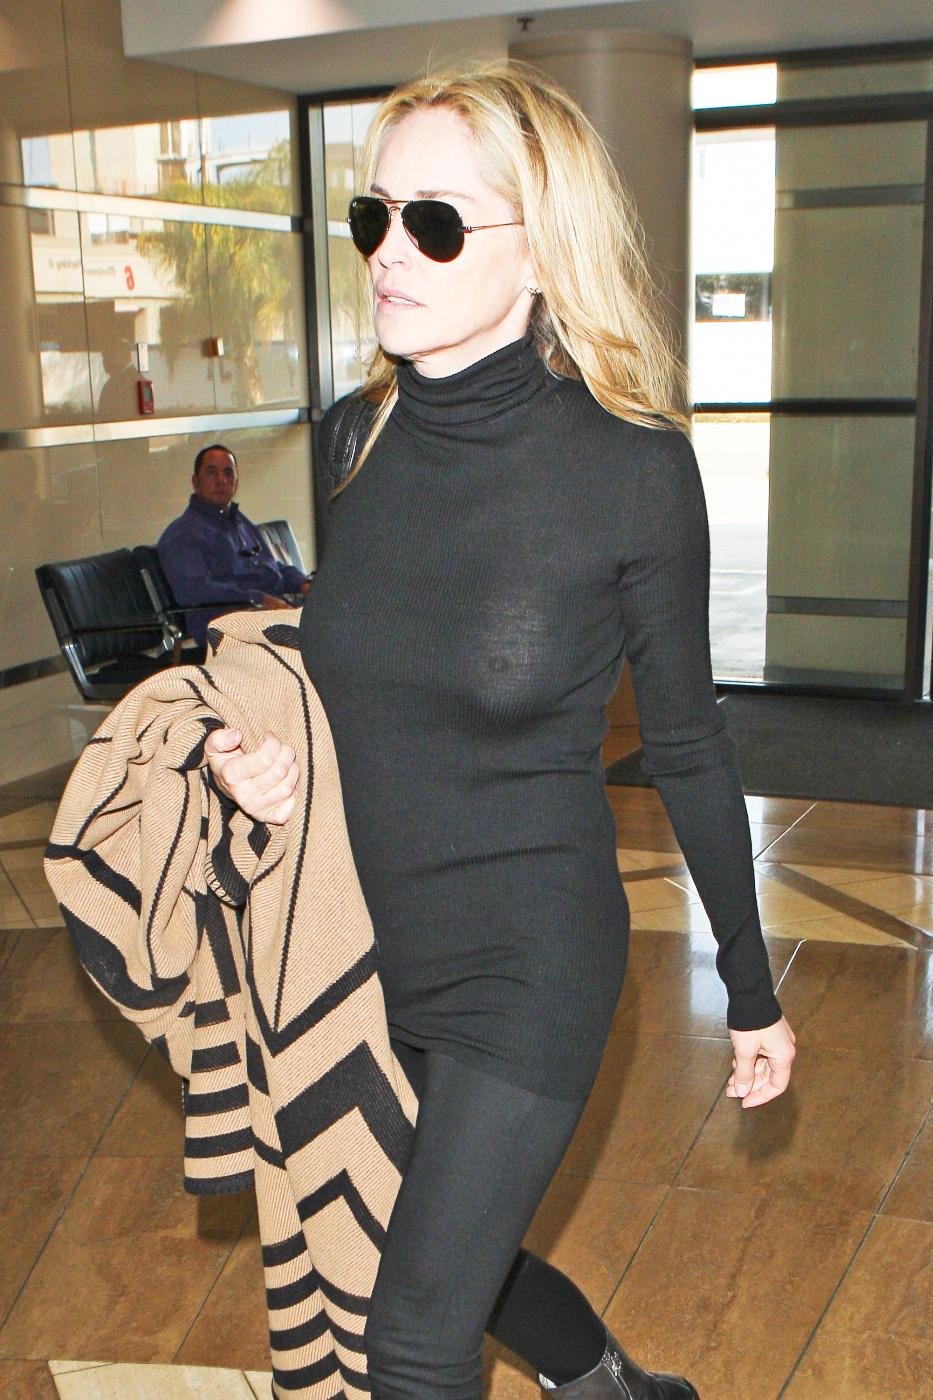 Na letišti třiapadesátiletá Sharon Stone předvedla, že ani ve svém věku nepotřebuje podprsenku. V černém průsvitném roláčku si klidně vyrazila naostro.